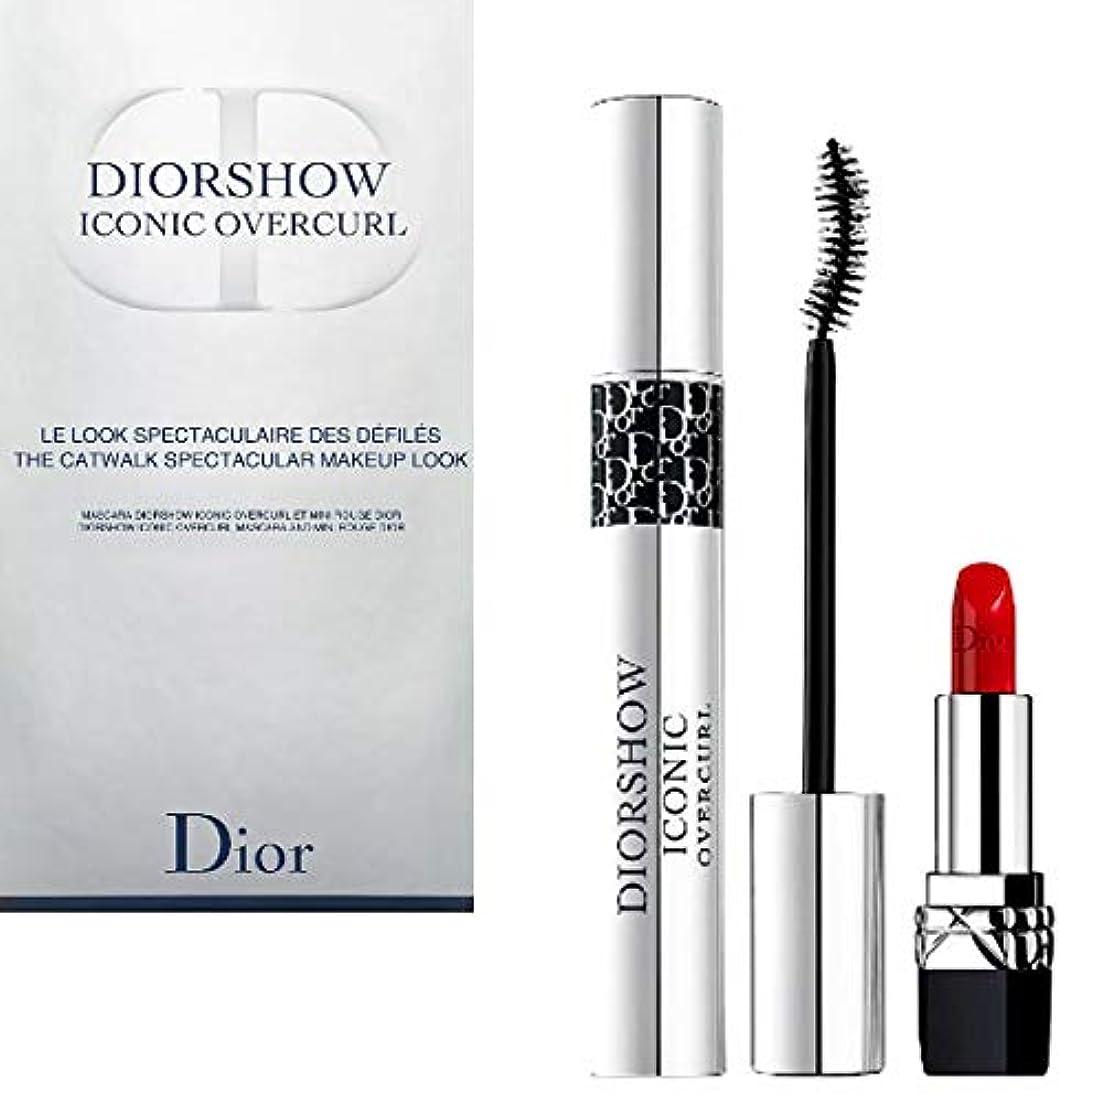 アライアンス水曜日最終Dior, Diorshow Iconic Overcurl Catwalk Spectacular Makeup Look Set [海外直送品] [並行輸入品]